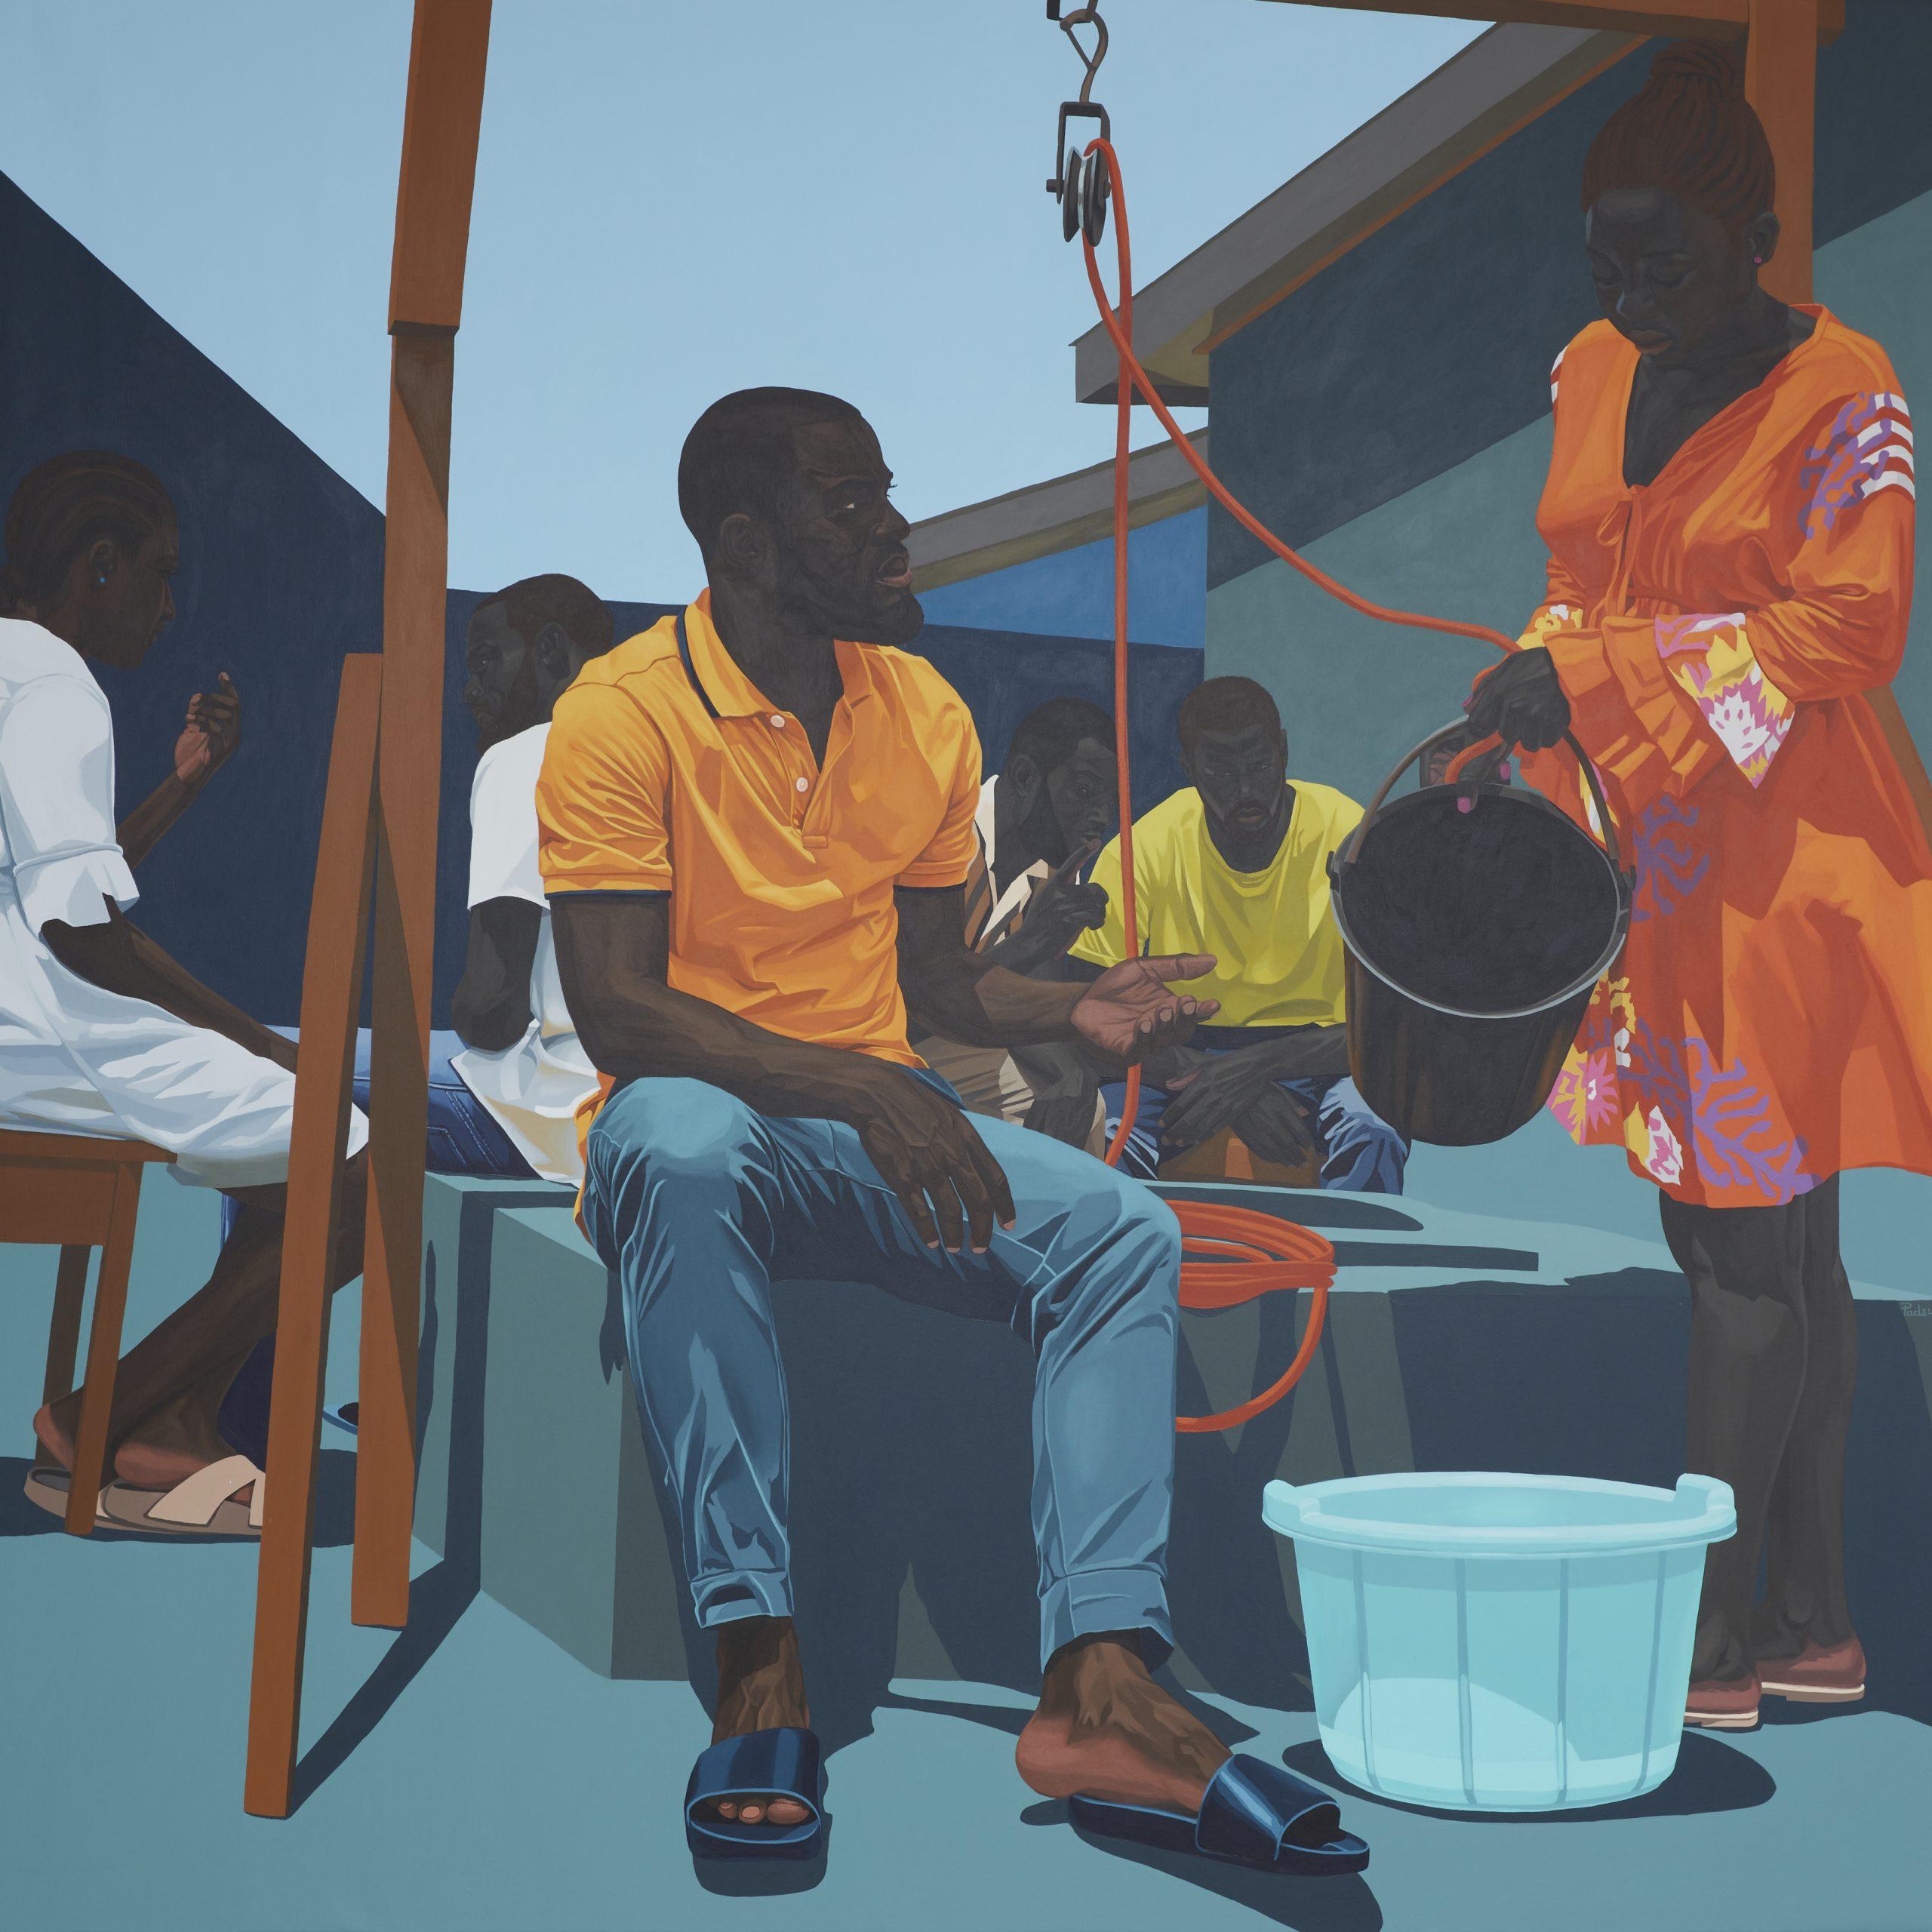 Marc Padeu, Donne-Moi De L'eau, 2021. Courtesy of Jack Bell Gallery